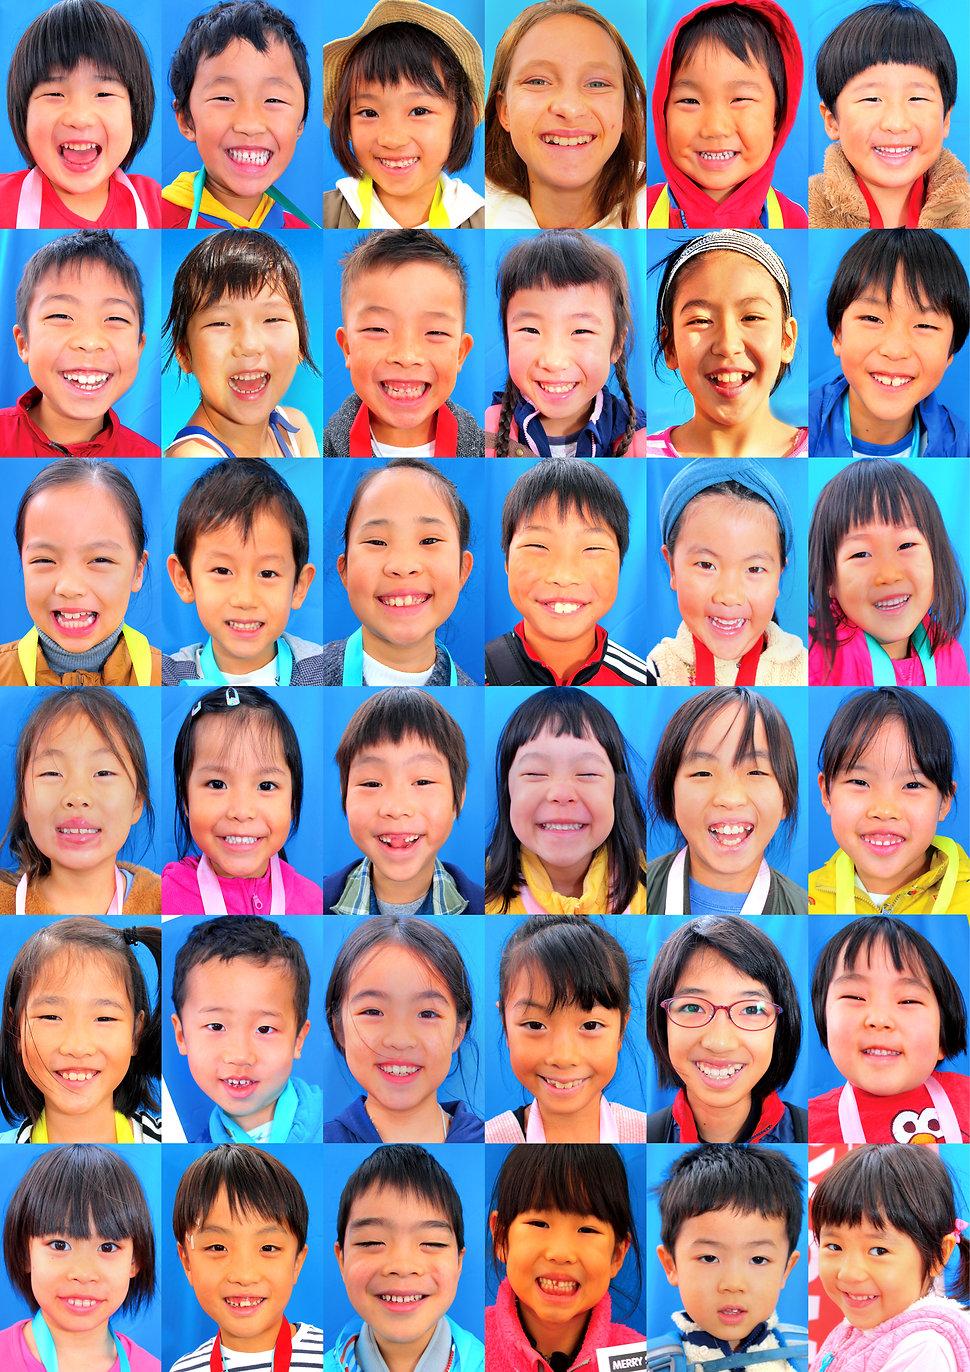 笑顔1_アートボード 1.jpg